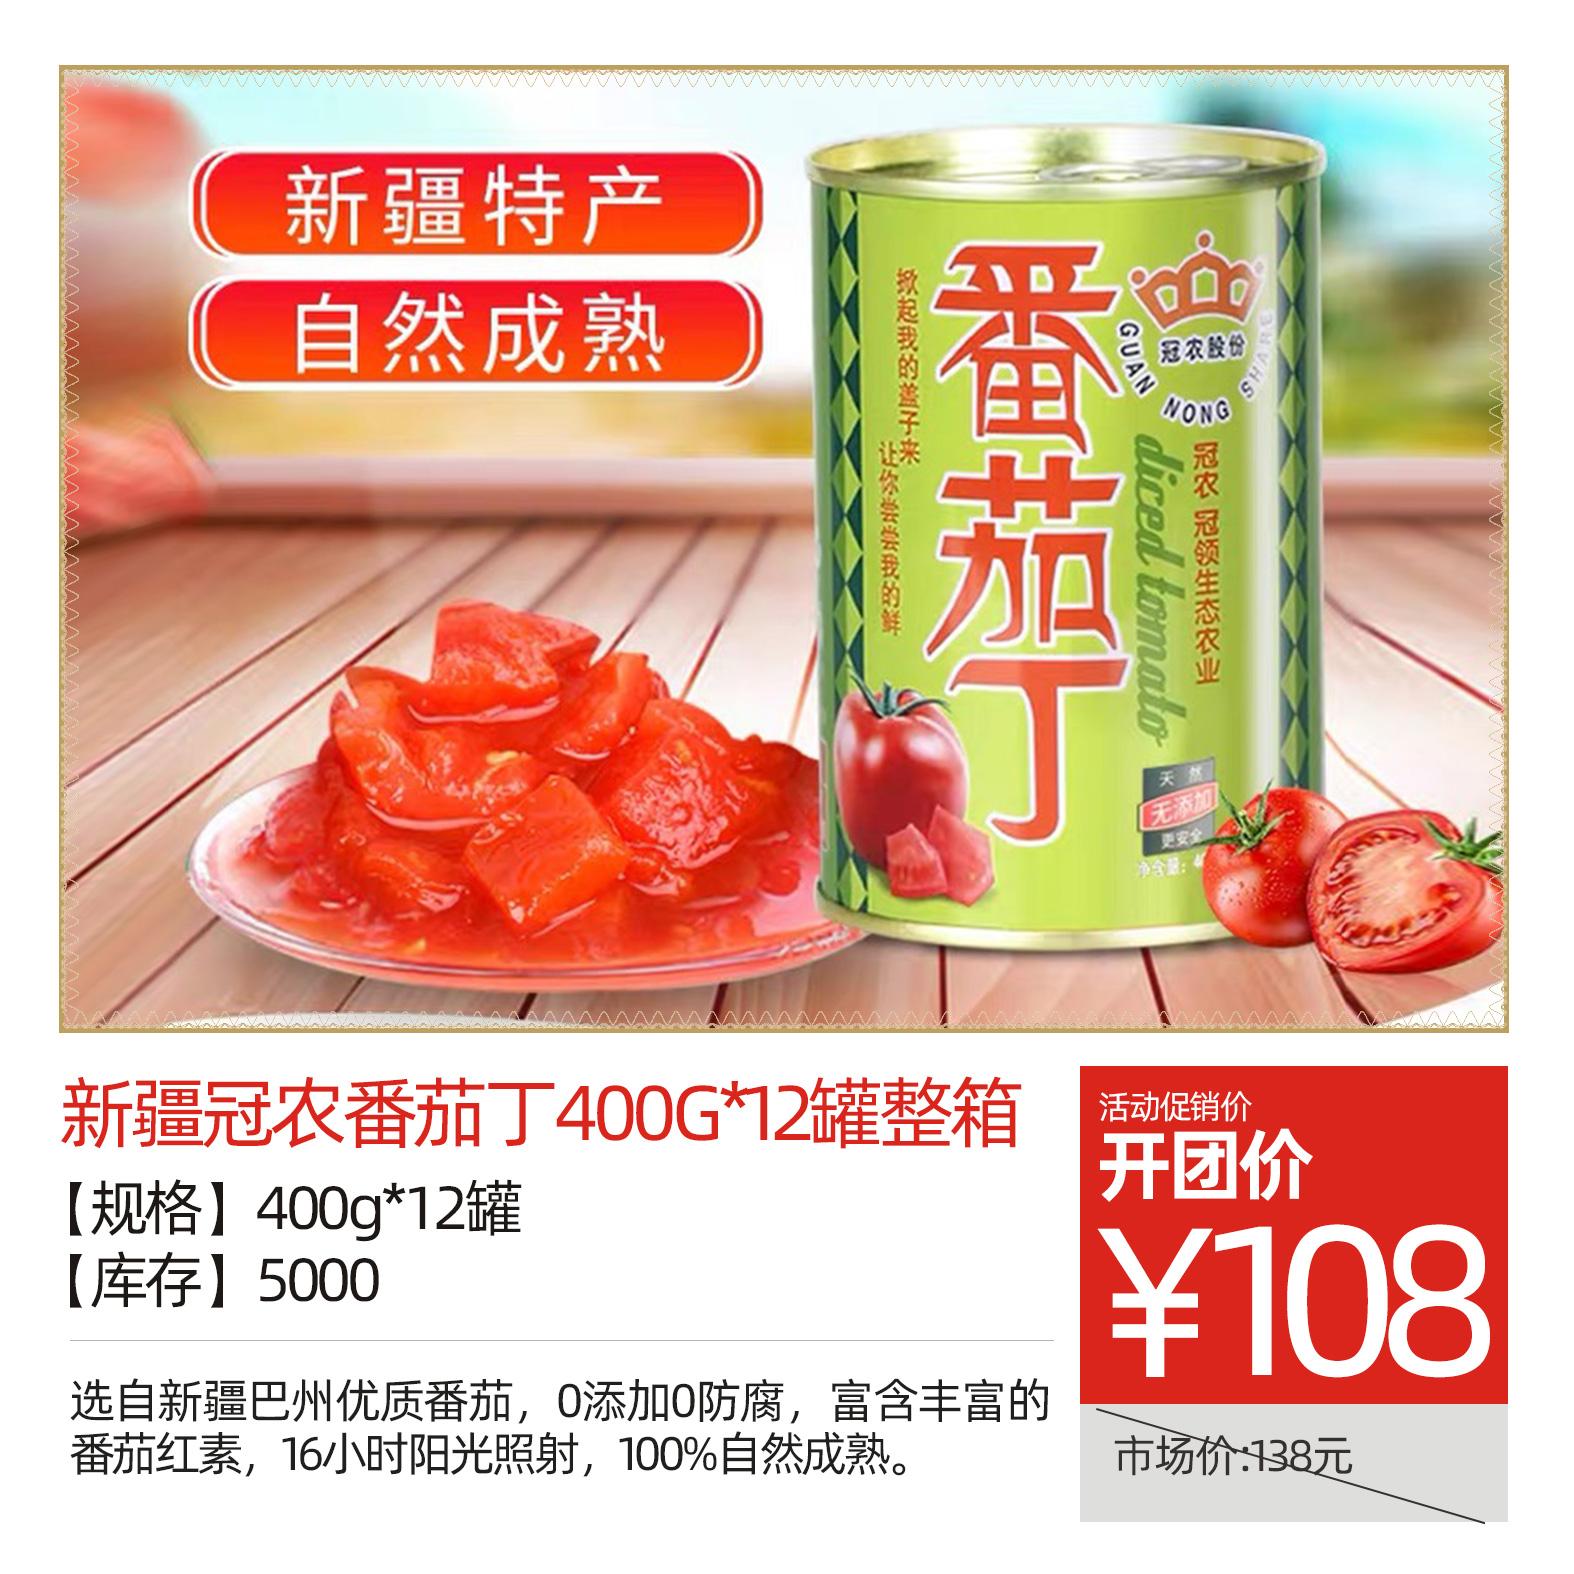 新疆冠农番茄丁400g*12罐整箱